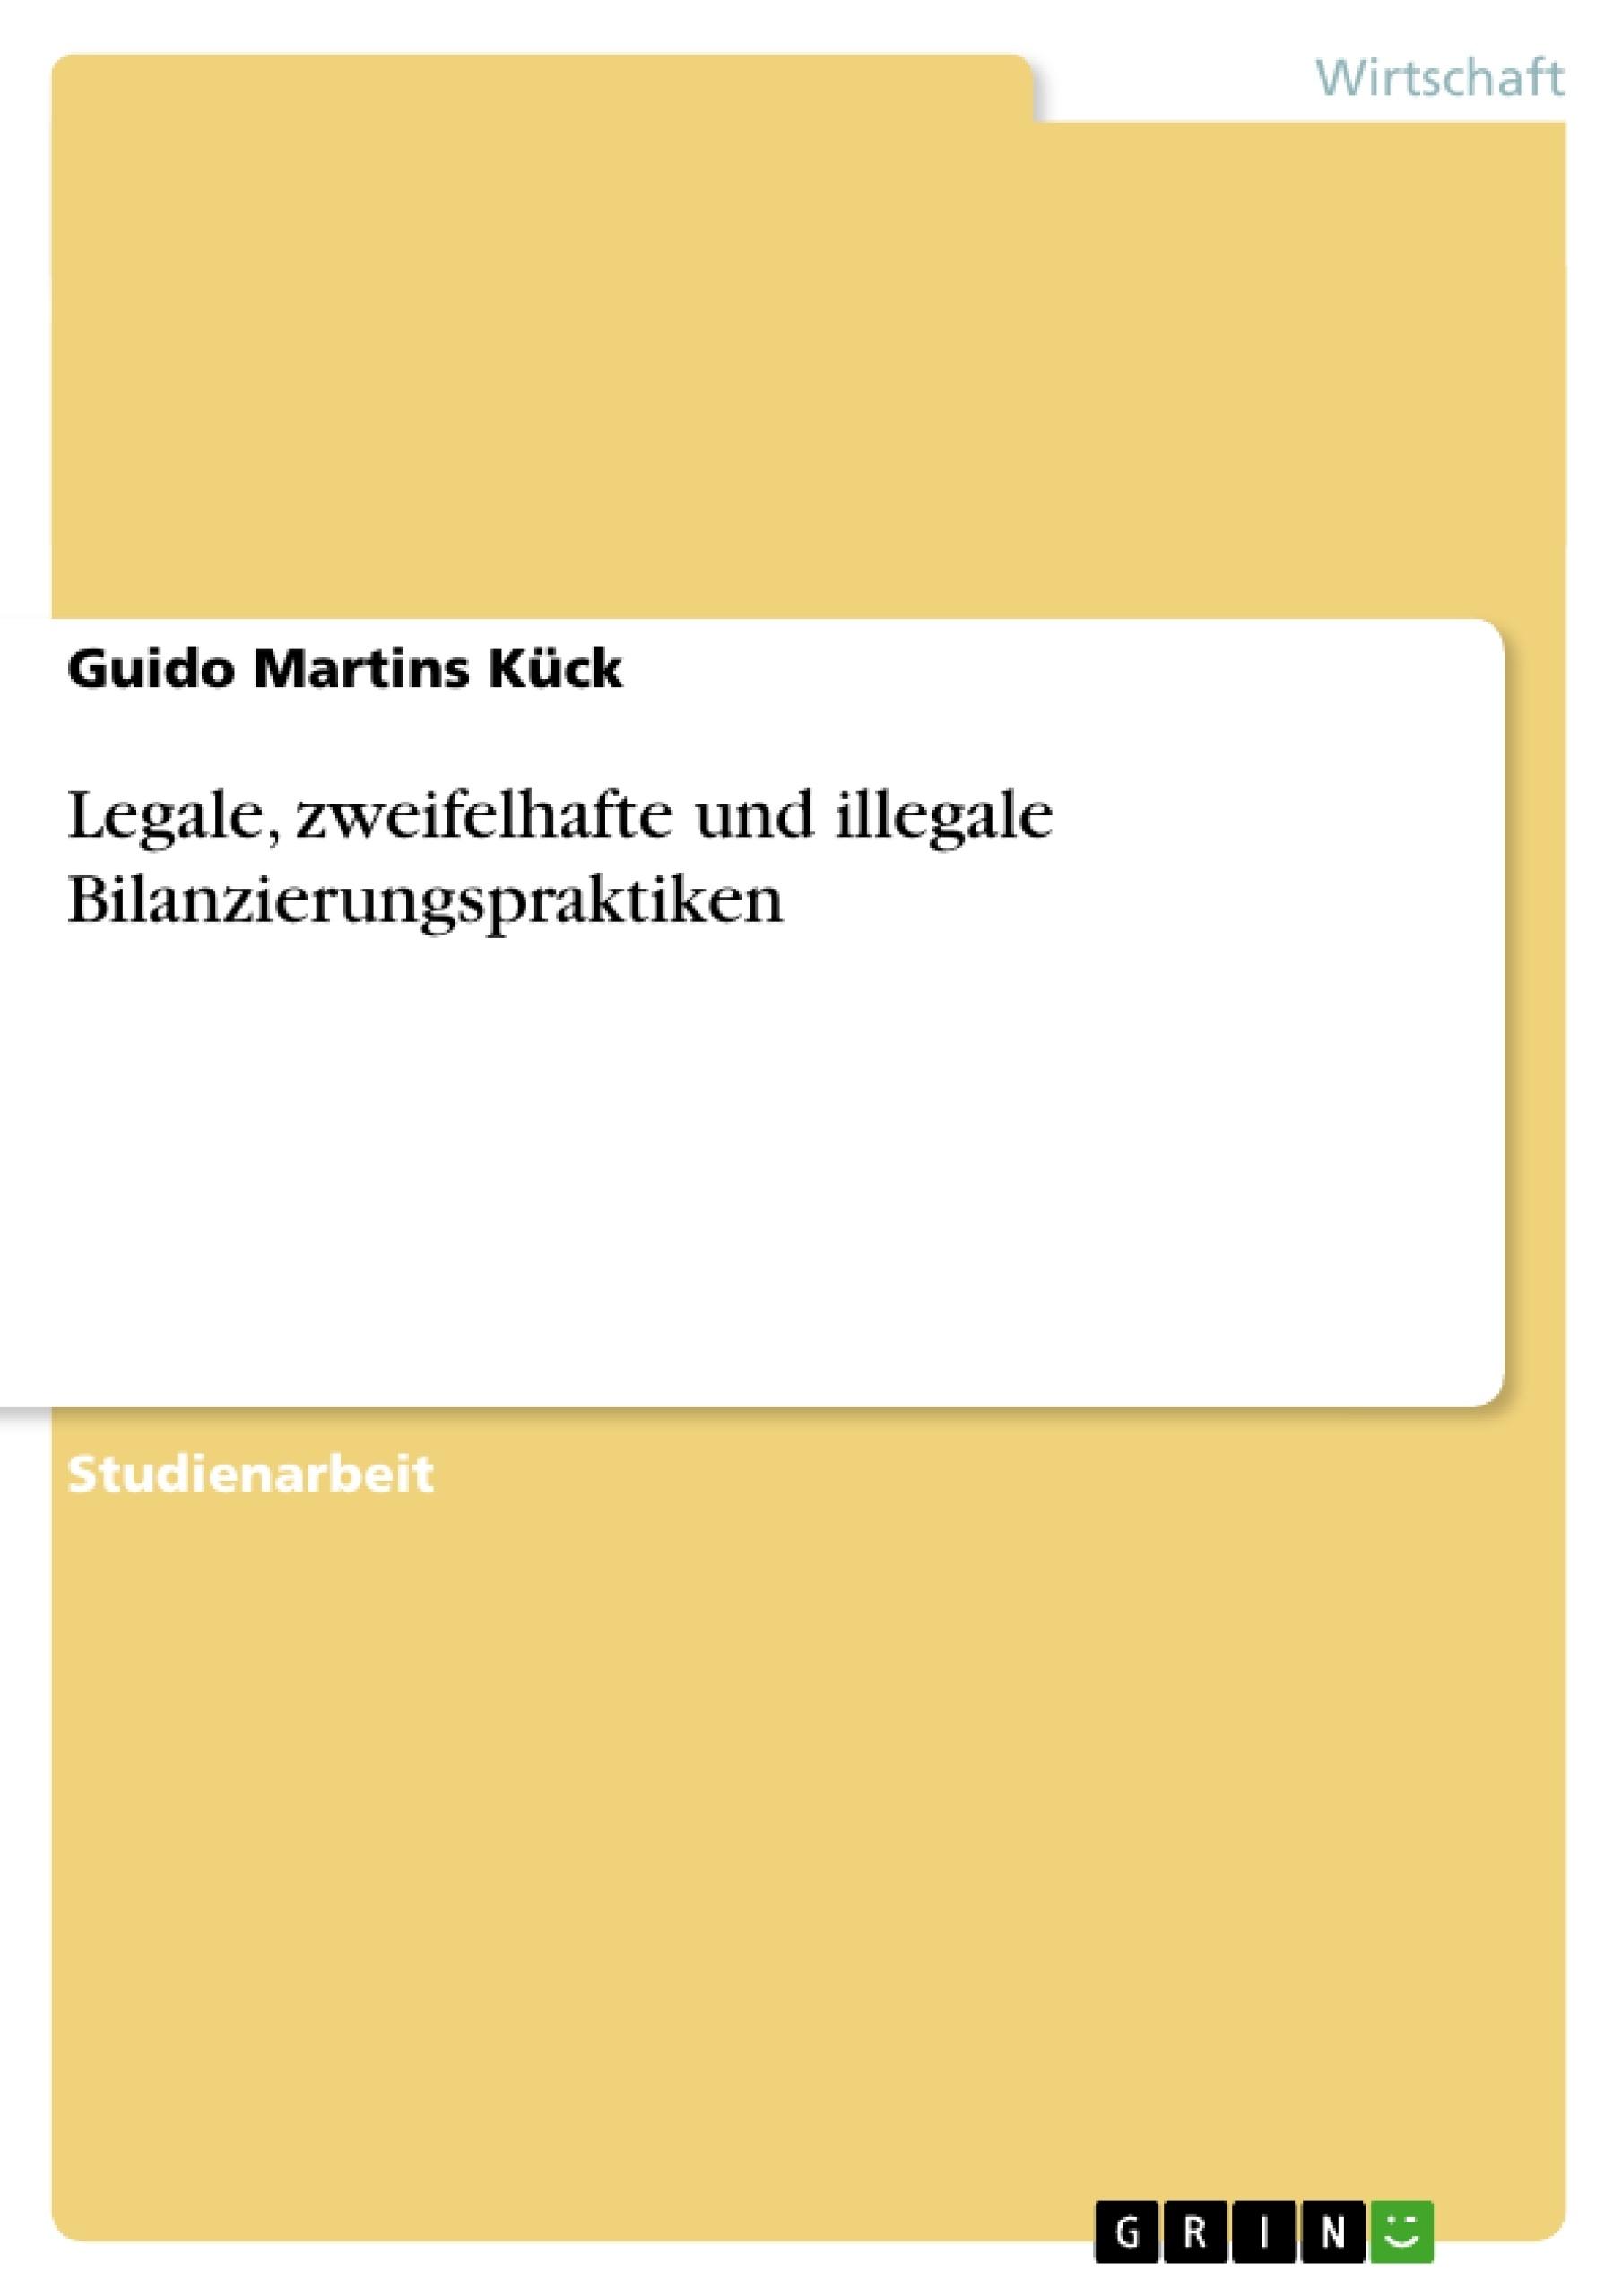 Titel: Legale, zweifelhafte und illegale Bilanzierungspraktiken